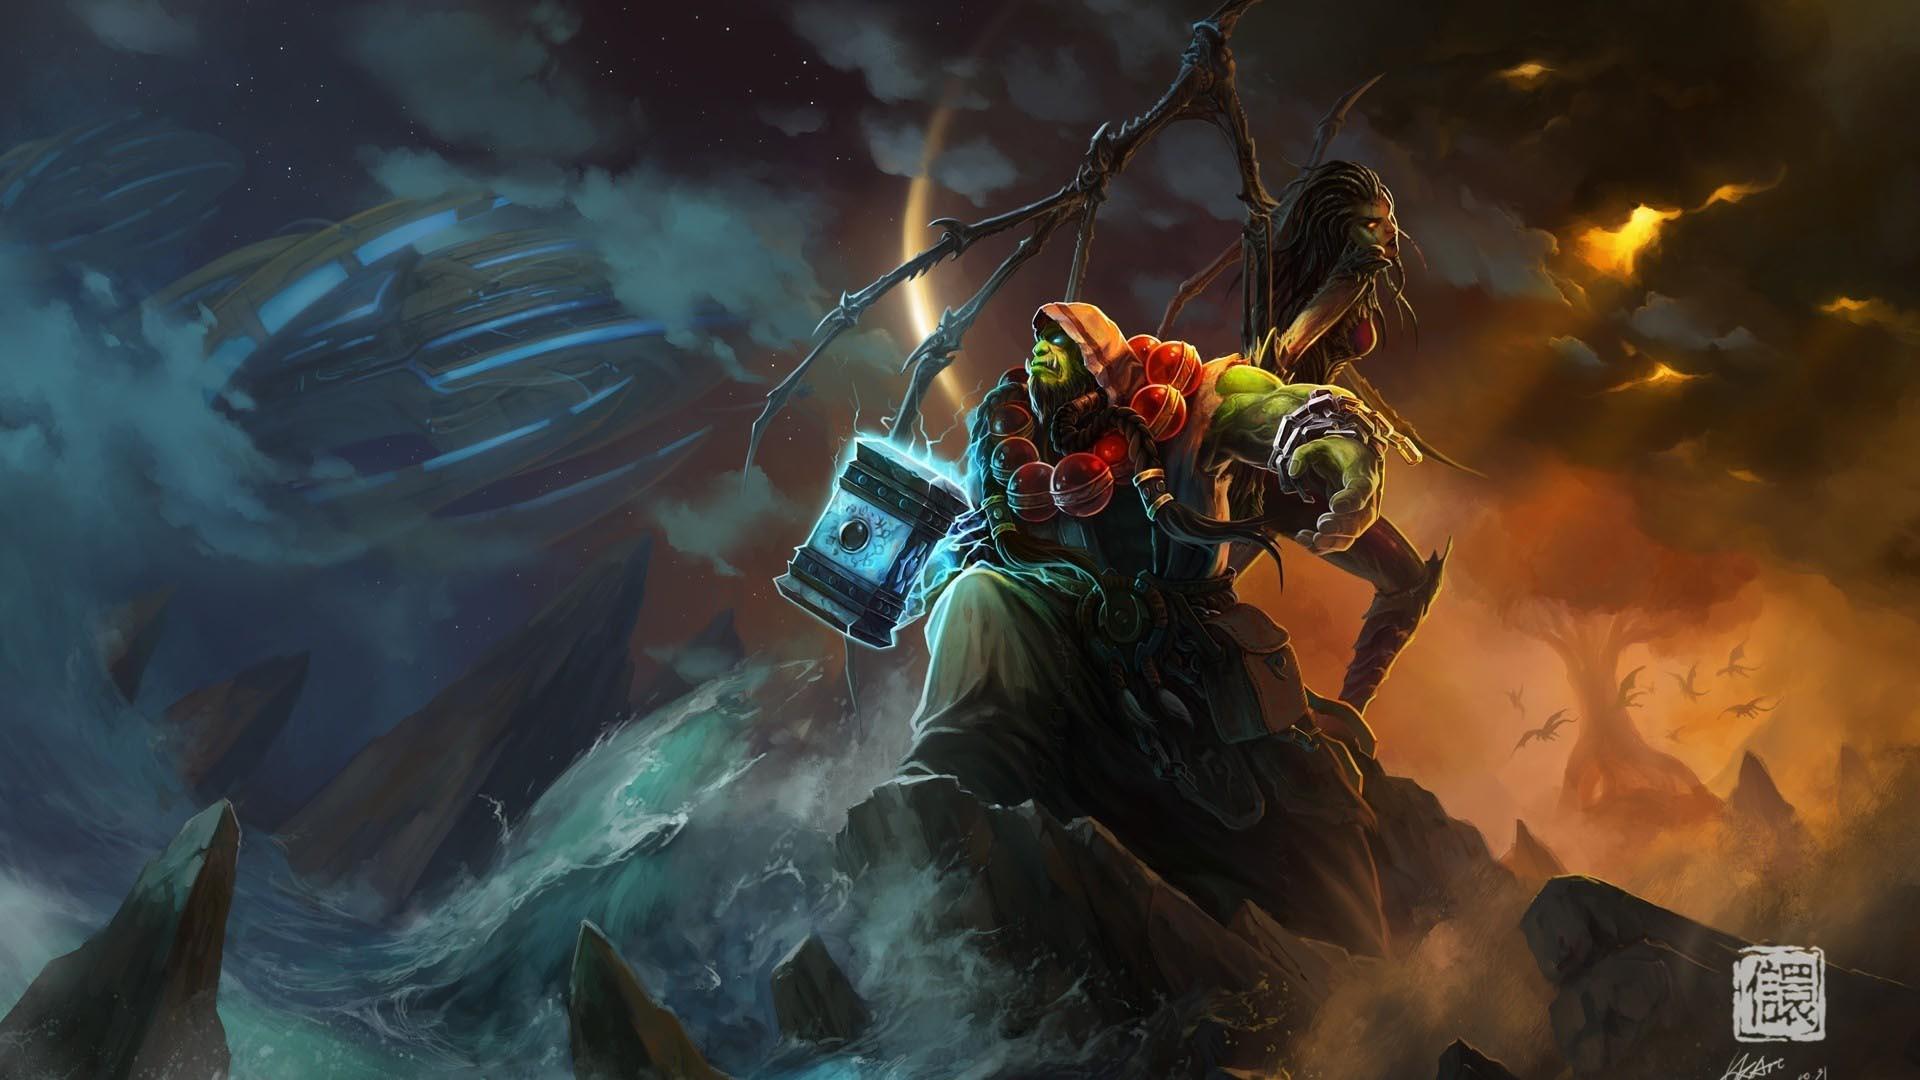 World of Warcraft Ocean Shaman Wallpaper | World of Warcraft Geek